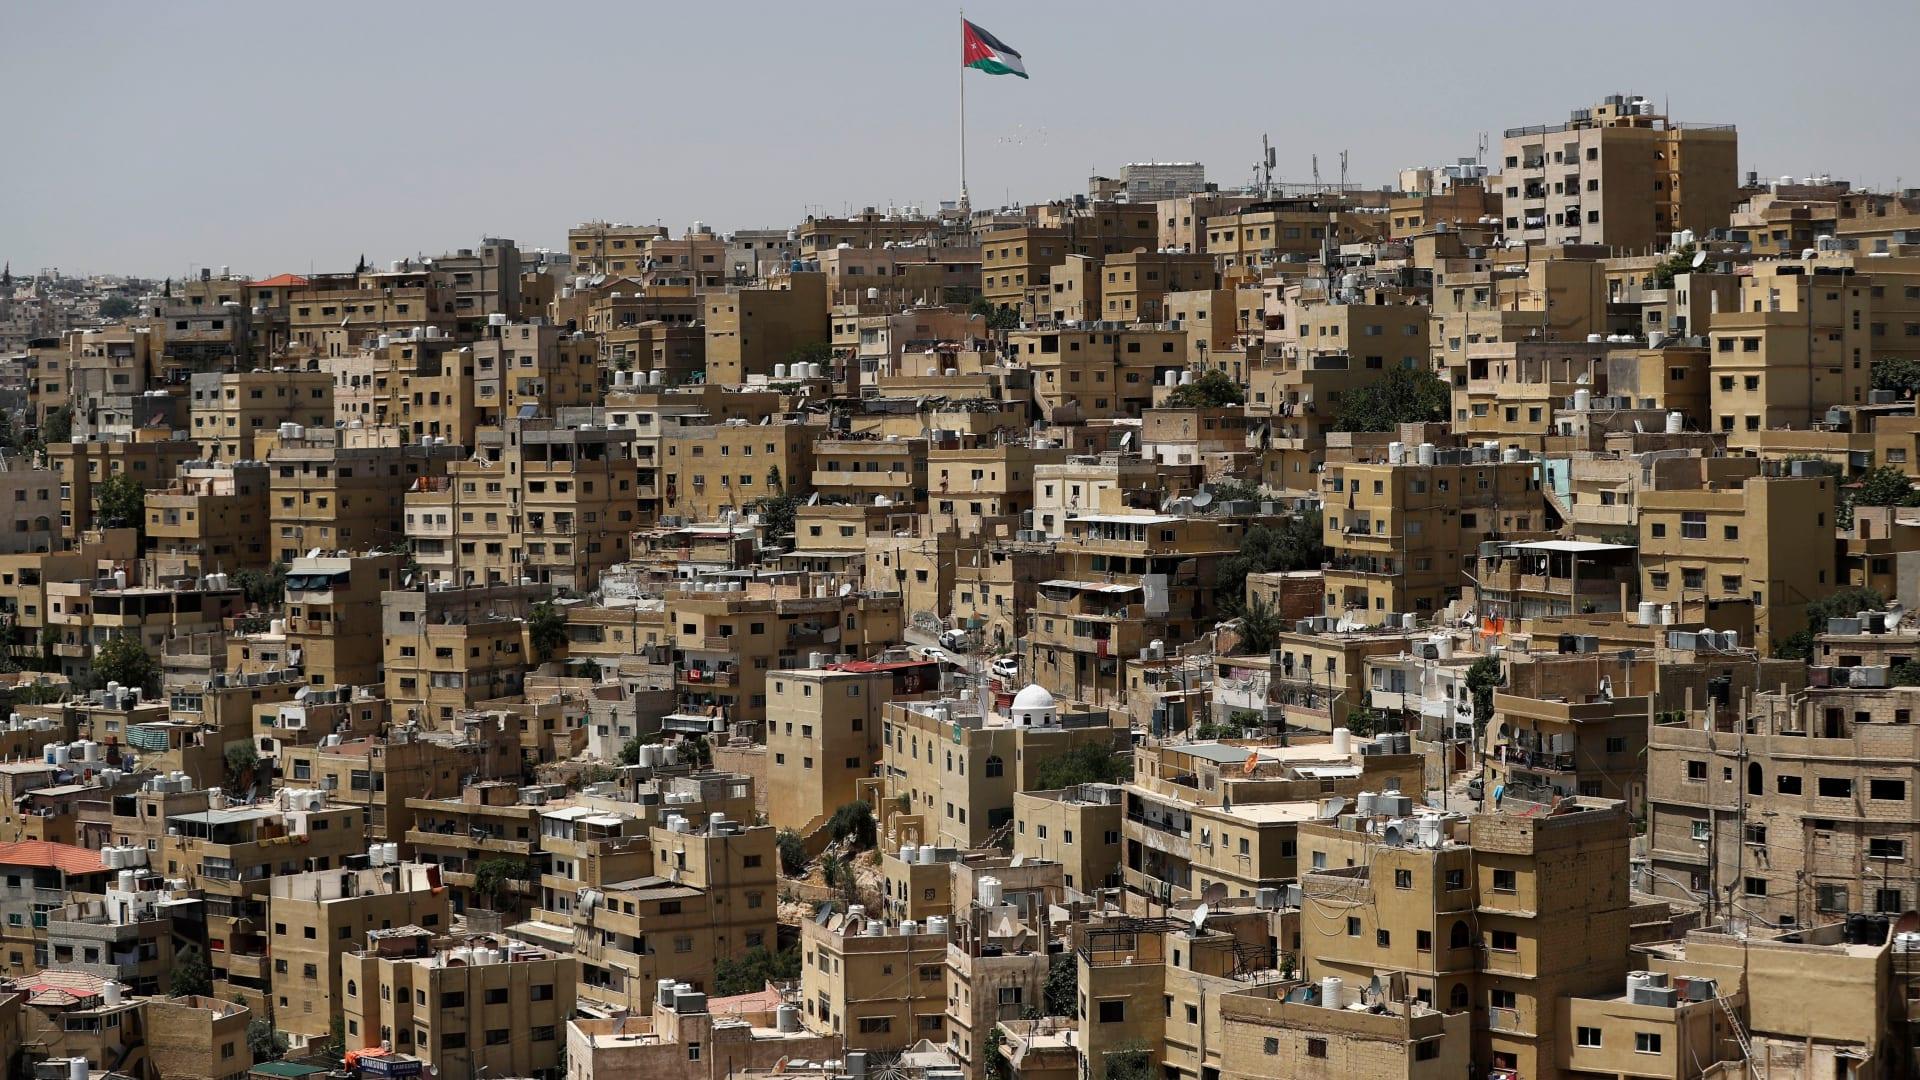 الأمن العام الأردني يعلّق فيديو يظهر اعتداء على مواطن سعودي في الأردن